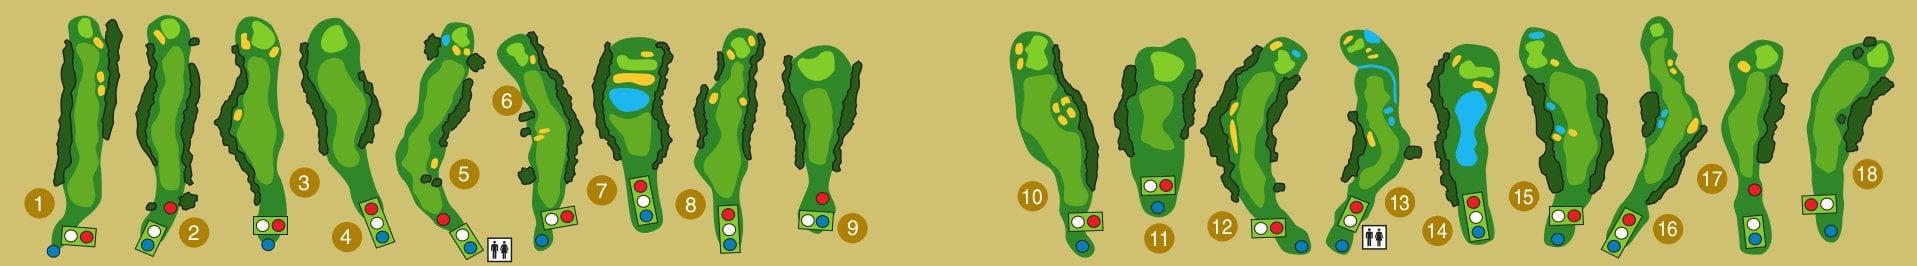 18 trous de golf